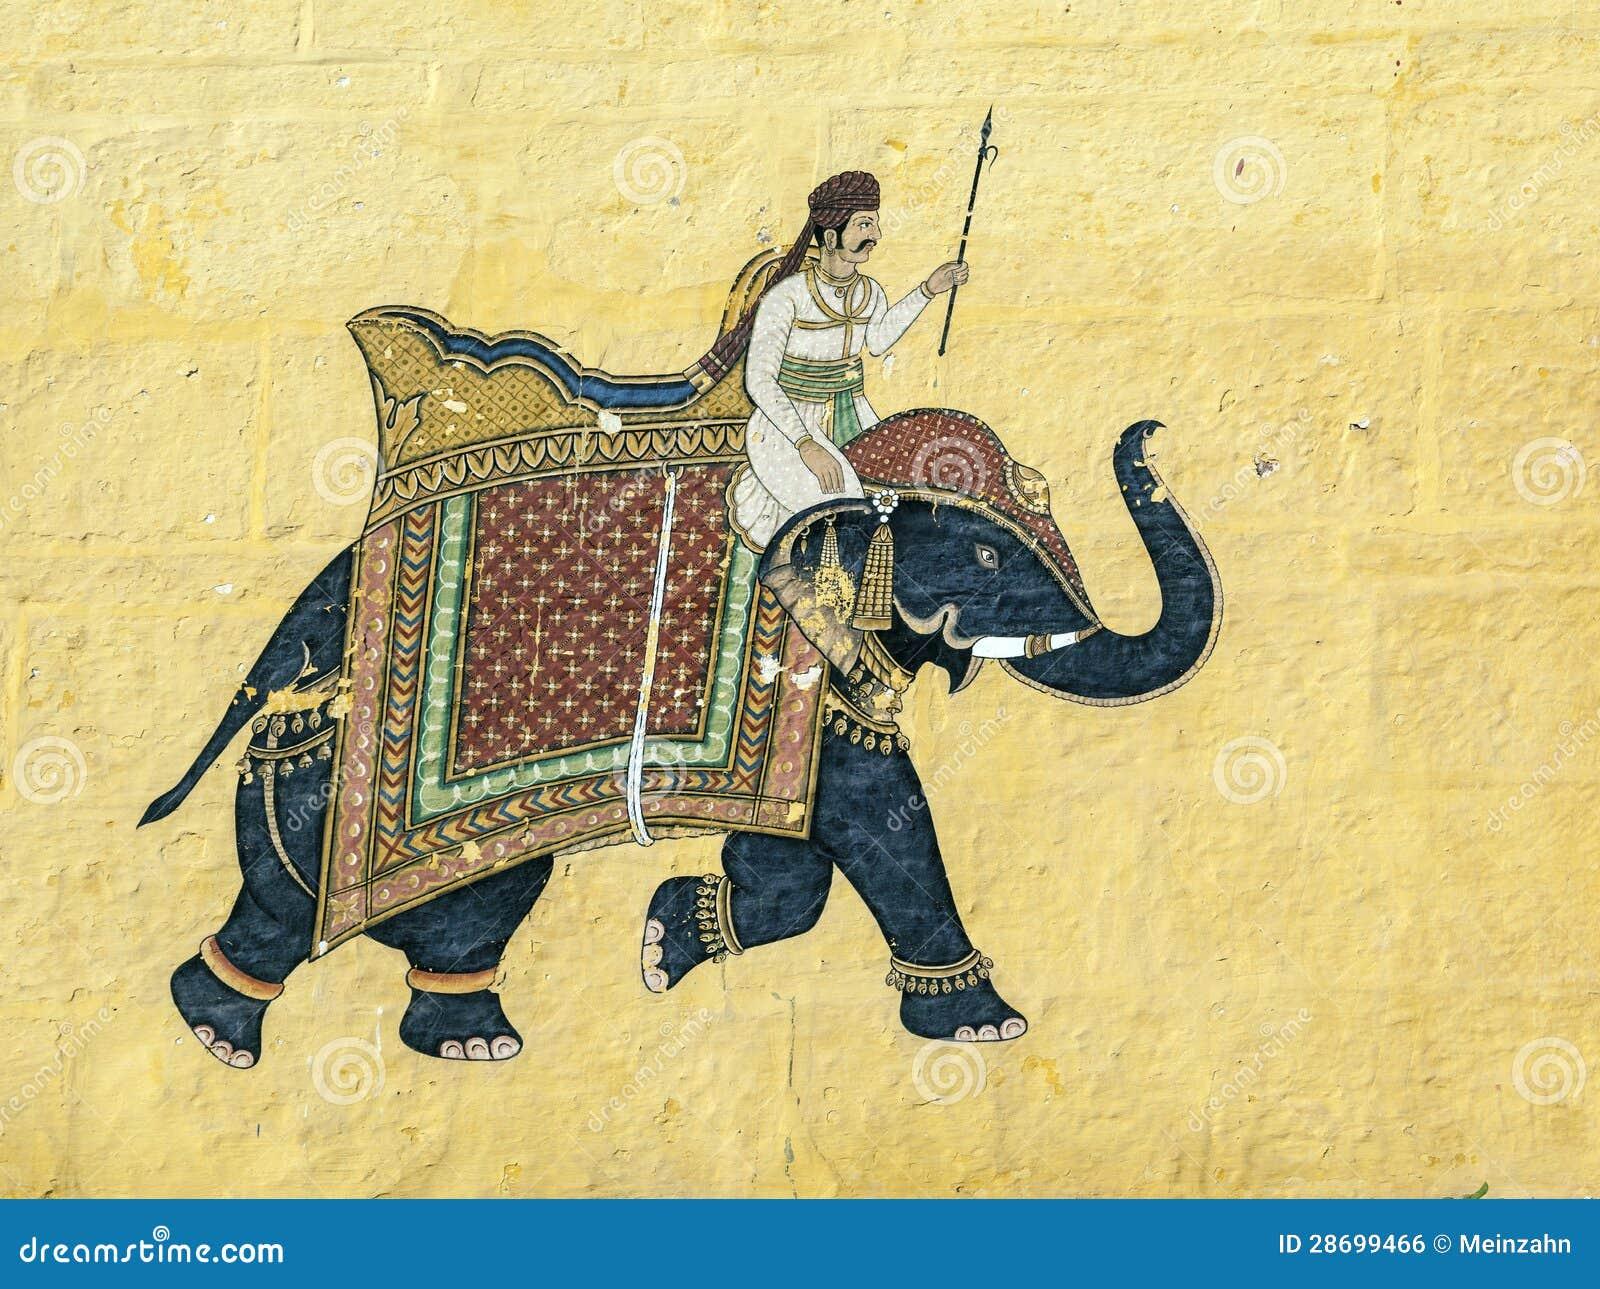 Libre de droits: peinture murale indienne colorée dans le fort de